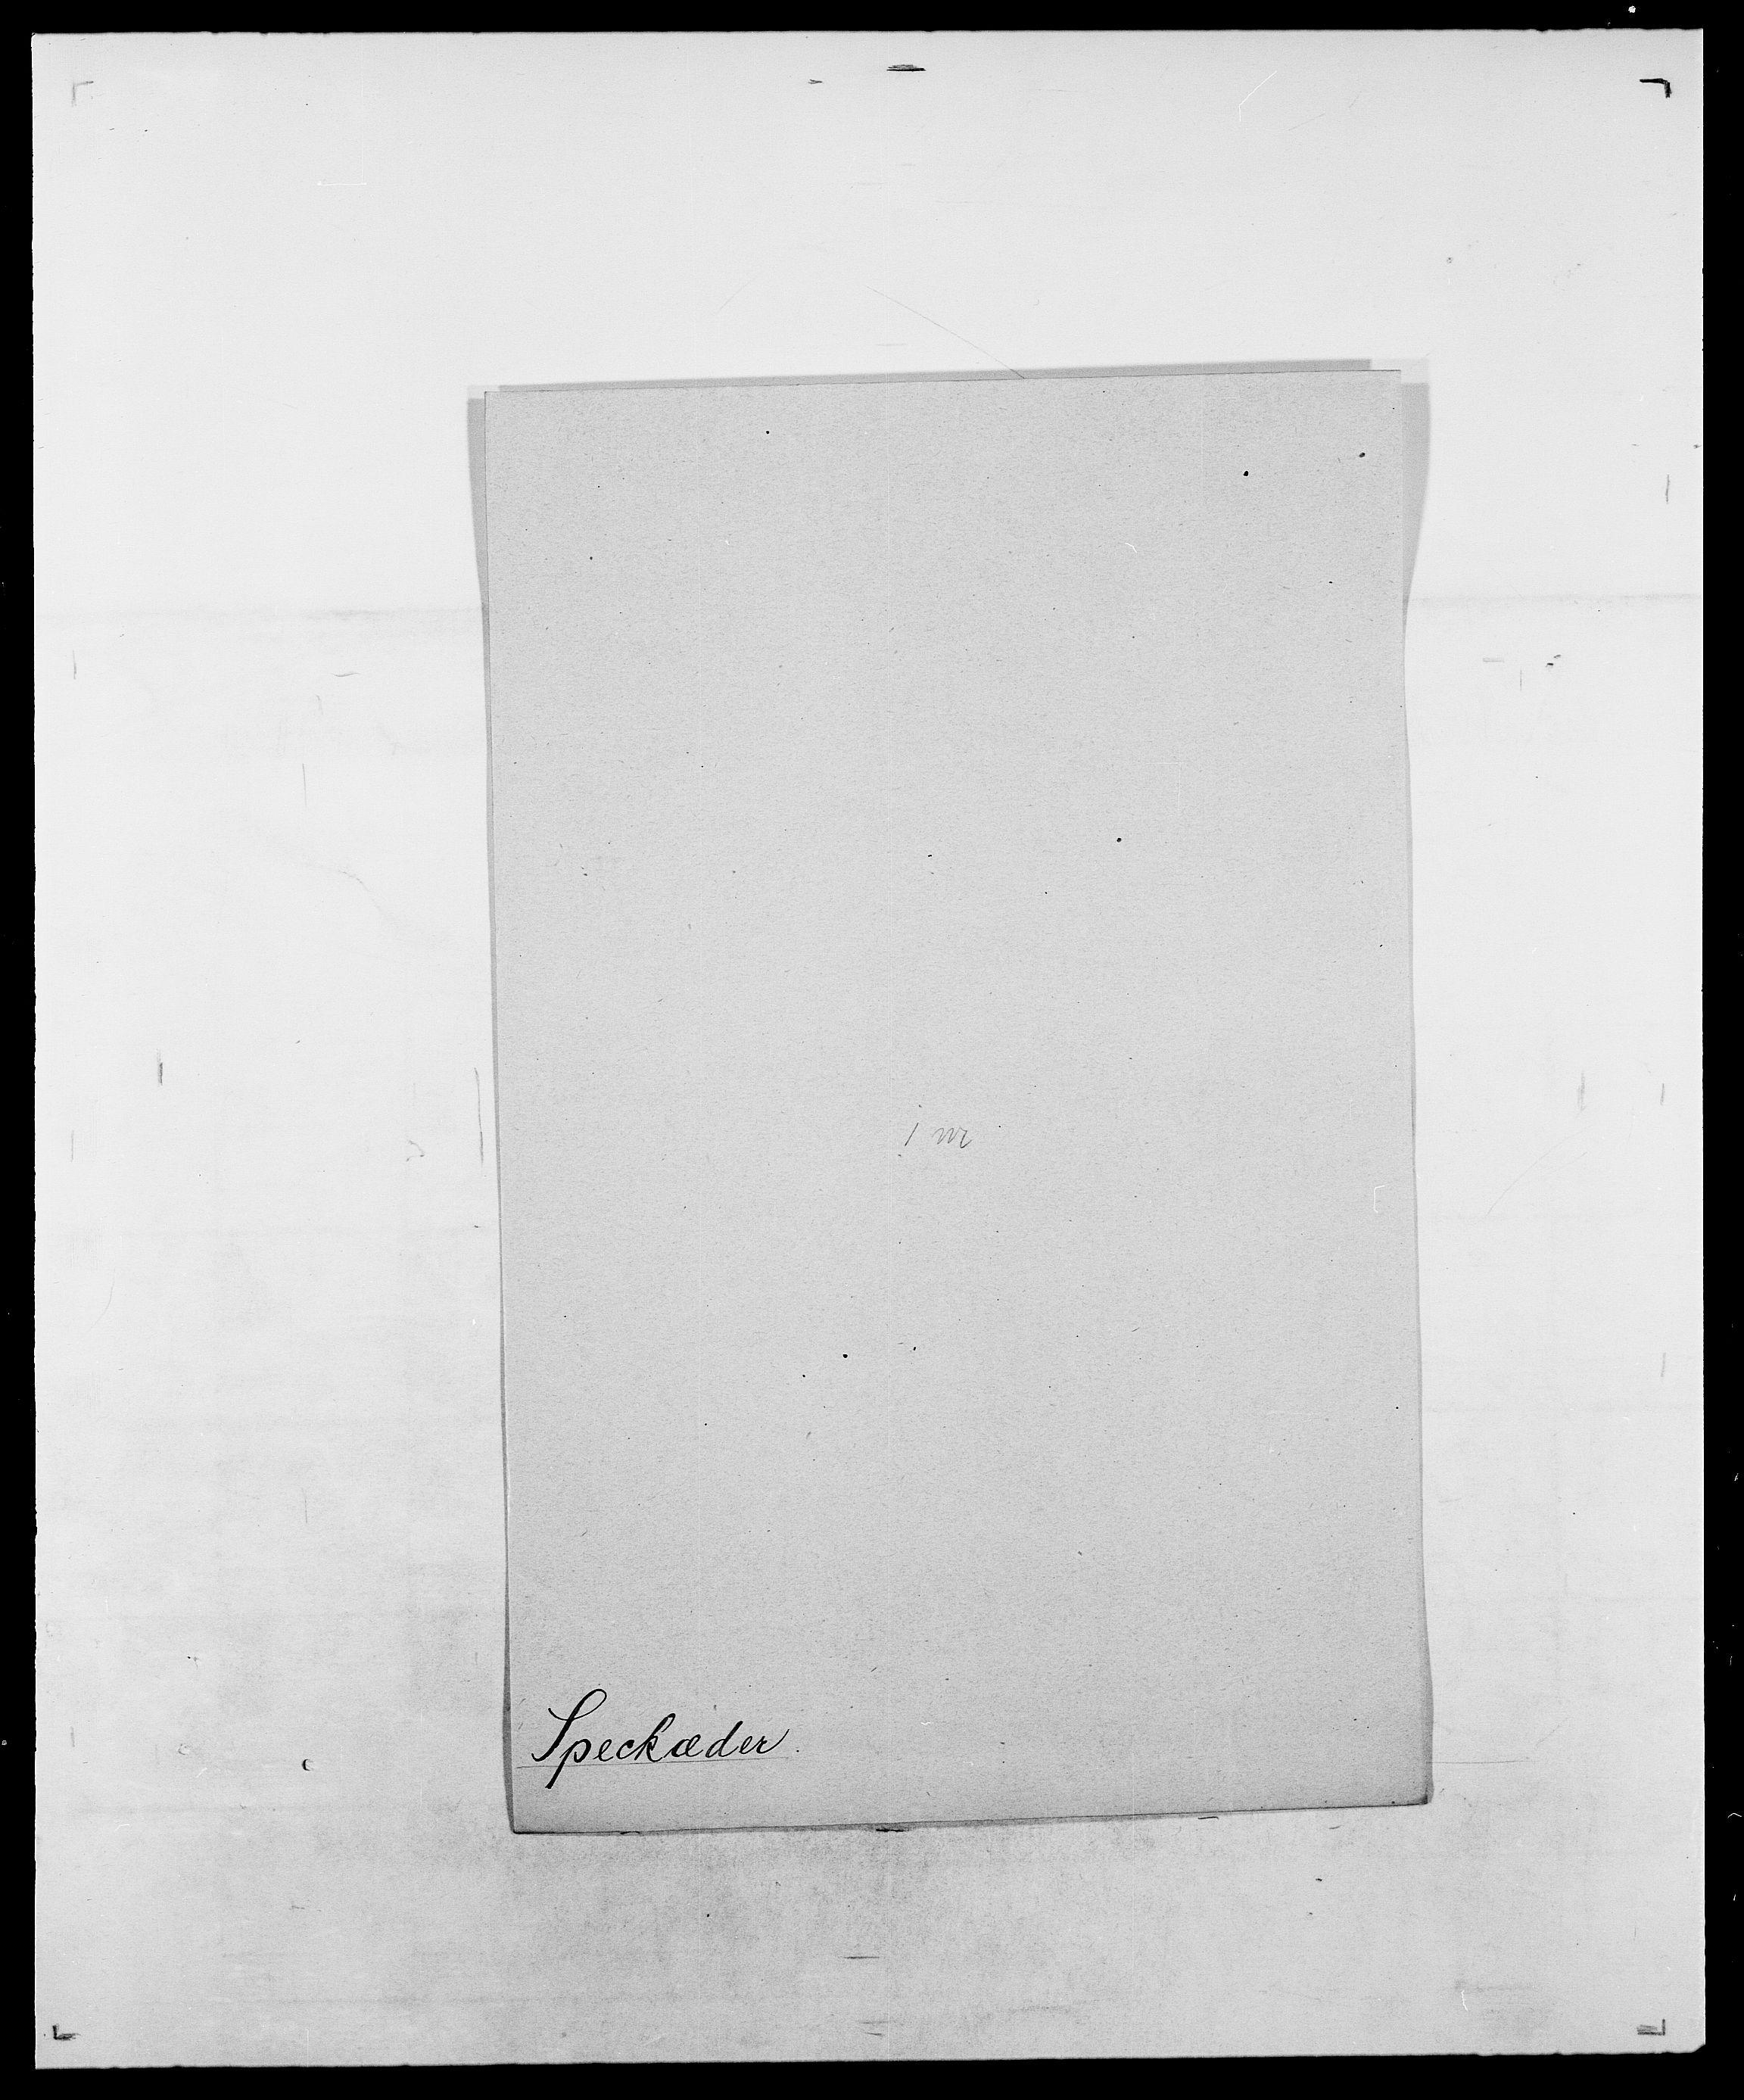 SAO, Delgobe, Charles Antoine - samling, D/Da/L0036: Skaanør - Staverskov, s. 523